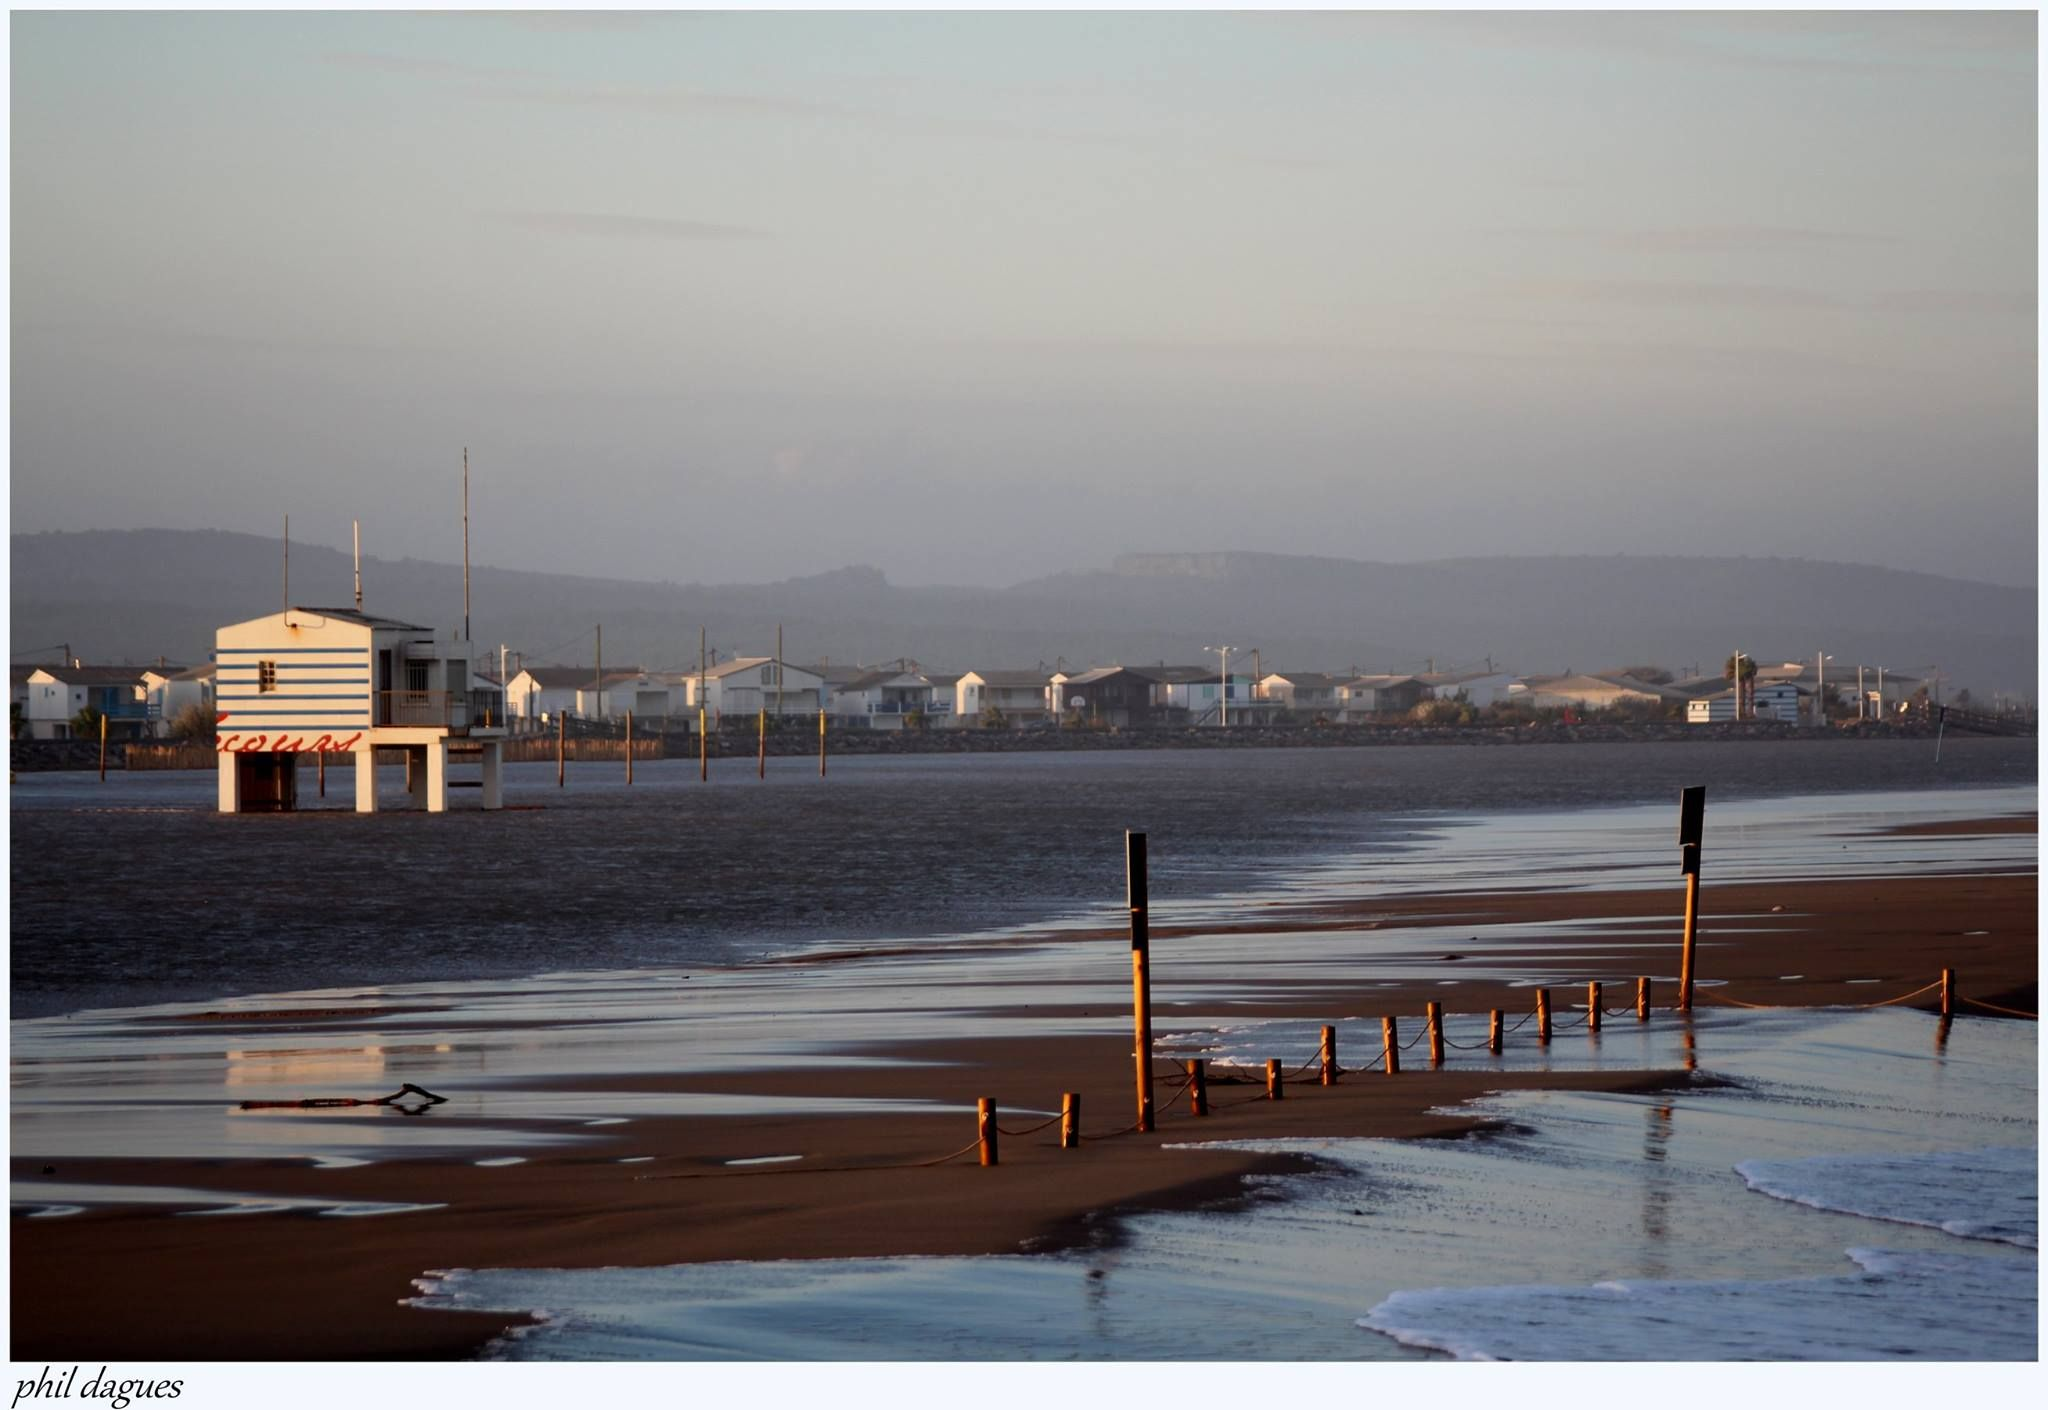 Plage Des Chalets A Gruissan la plage des chalets de gruissan inondée par philippe aude